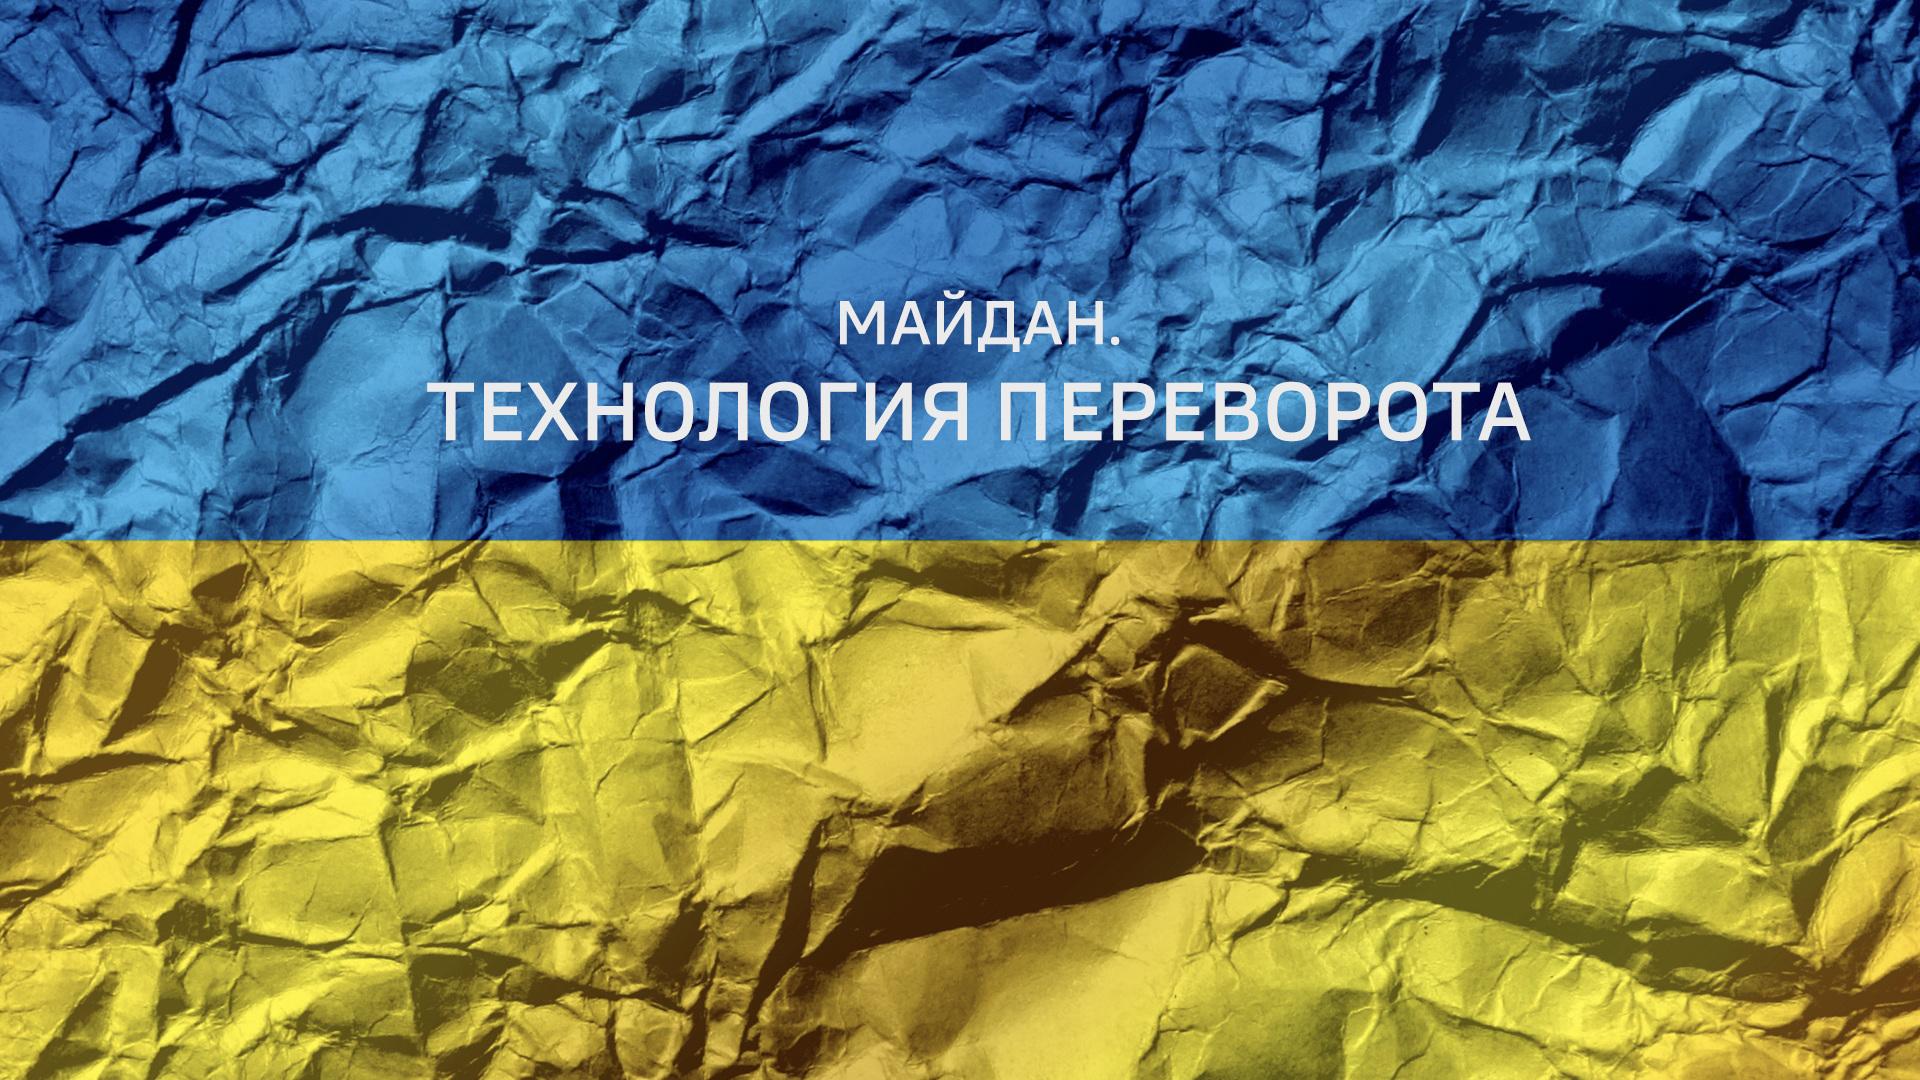 Майдан. Технология переворота